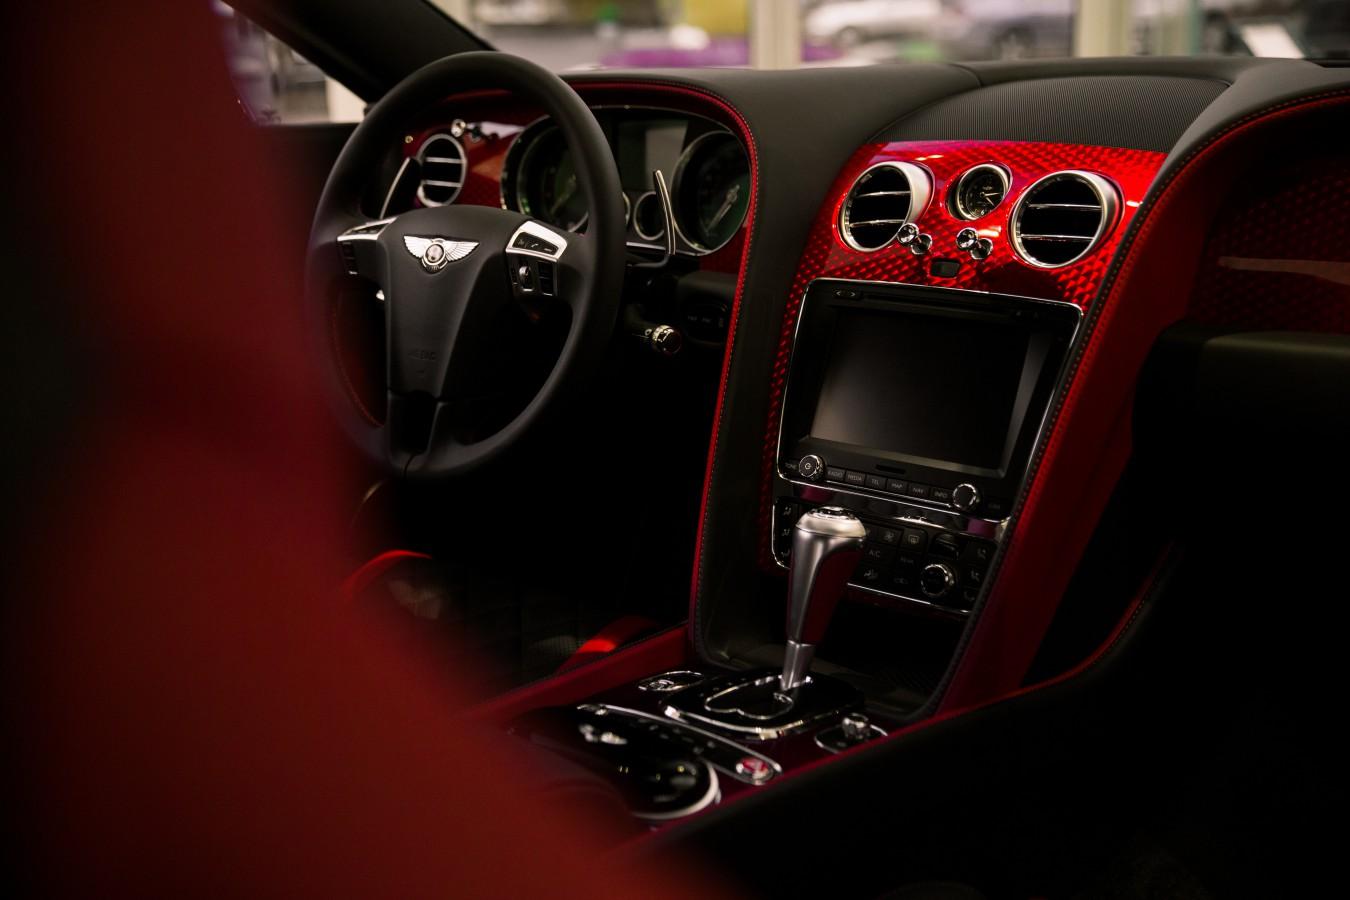 ЭКСКЛЮЗИВНАЯ ЛИМИТИРОВАННАЯ СЕРИЯ  BENTLEY CONTINENTAL GT V8 S  KOBRA EDITION II - изображение NICK41232 на Bentleymoscow.ru!